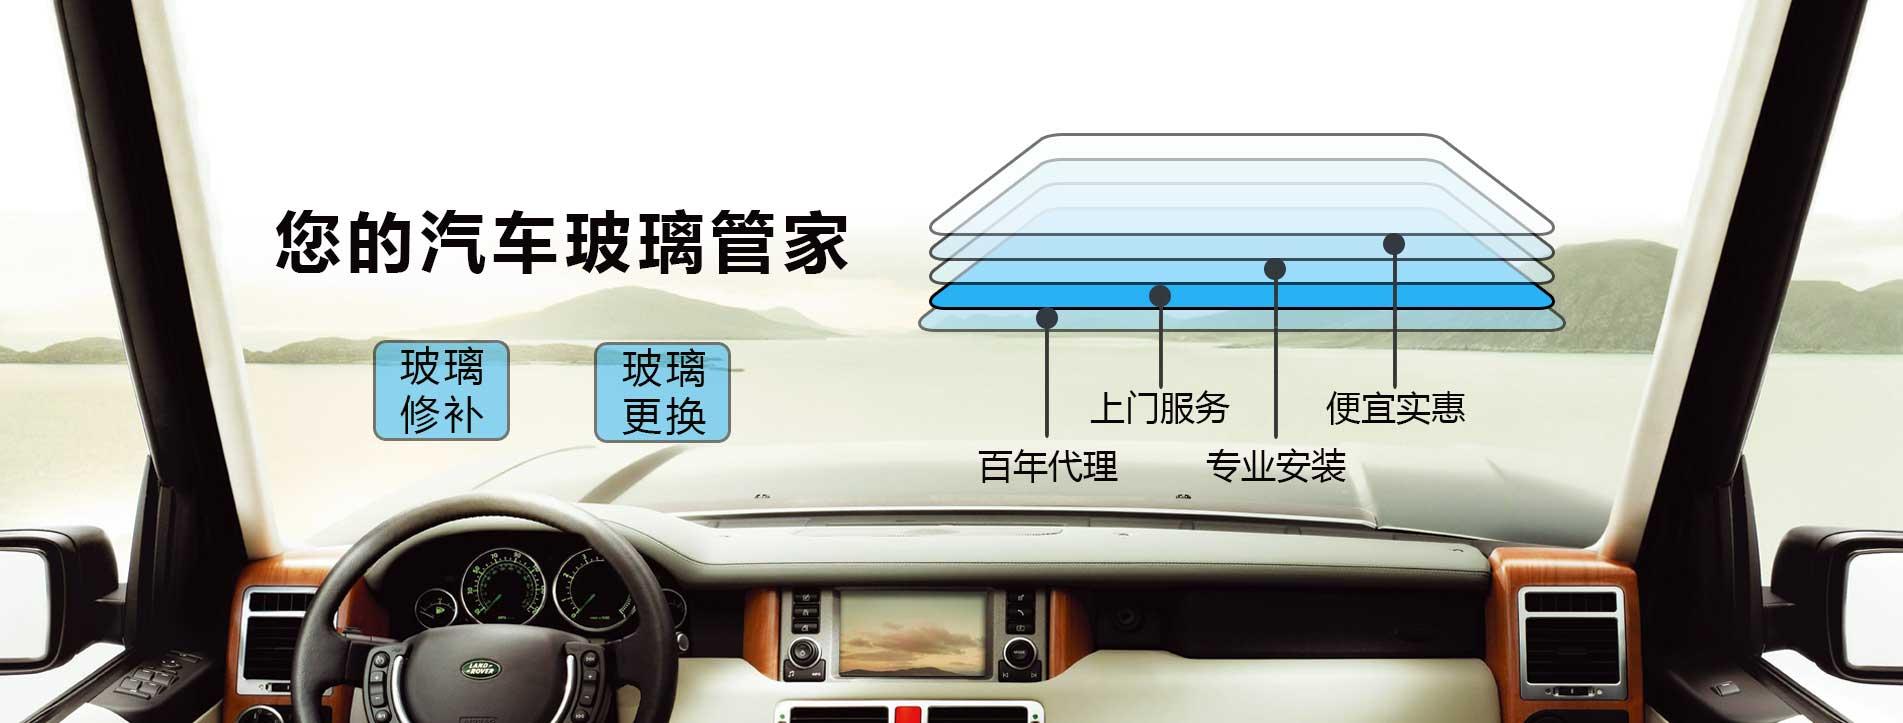 沈阳鑫佑康汽车玻璃公司与您相诺让汽车成为客户的另一个家